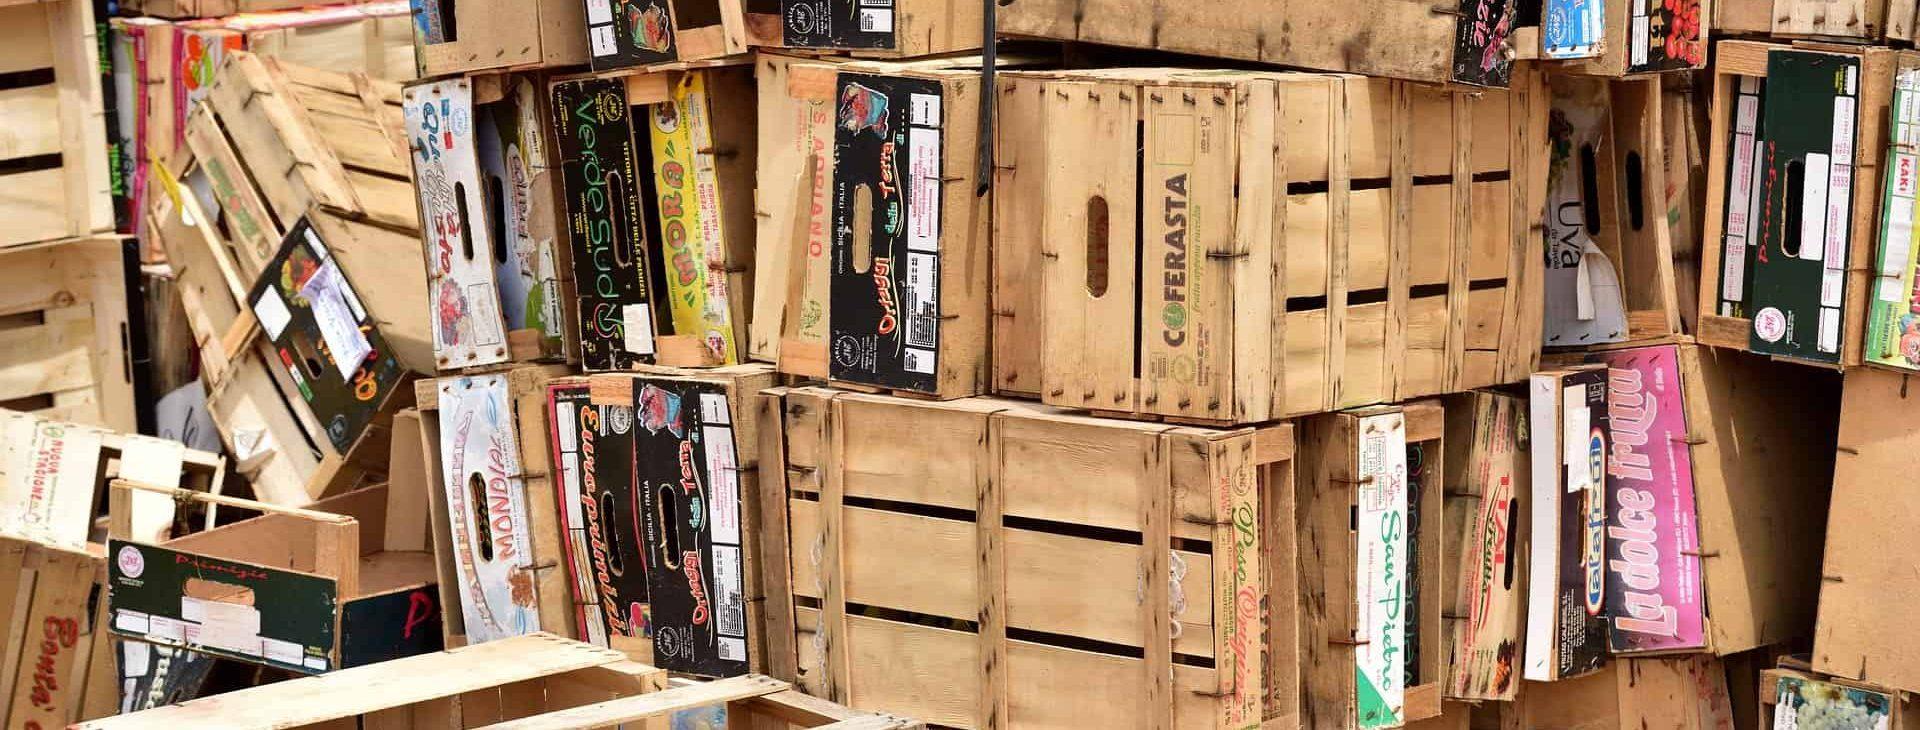 cartons-4240821_1920